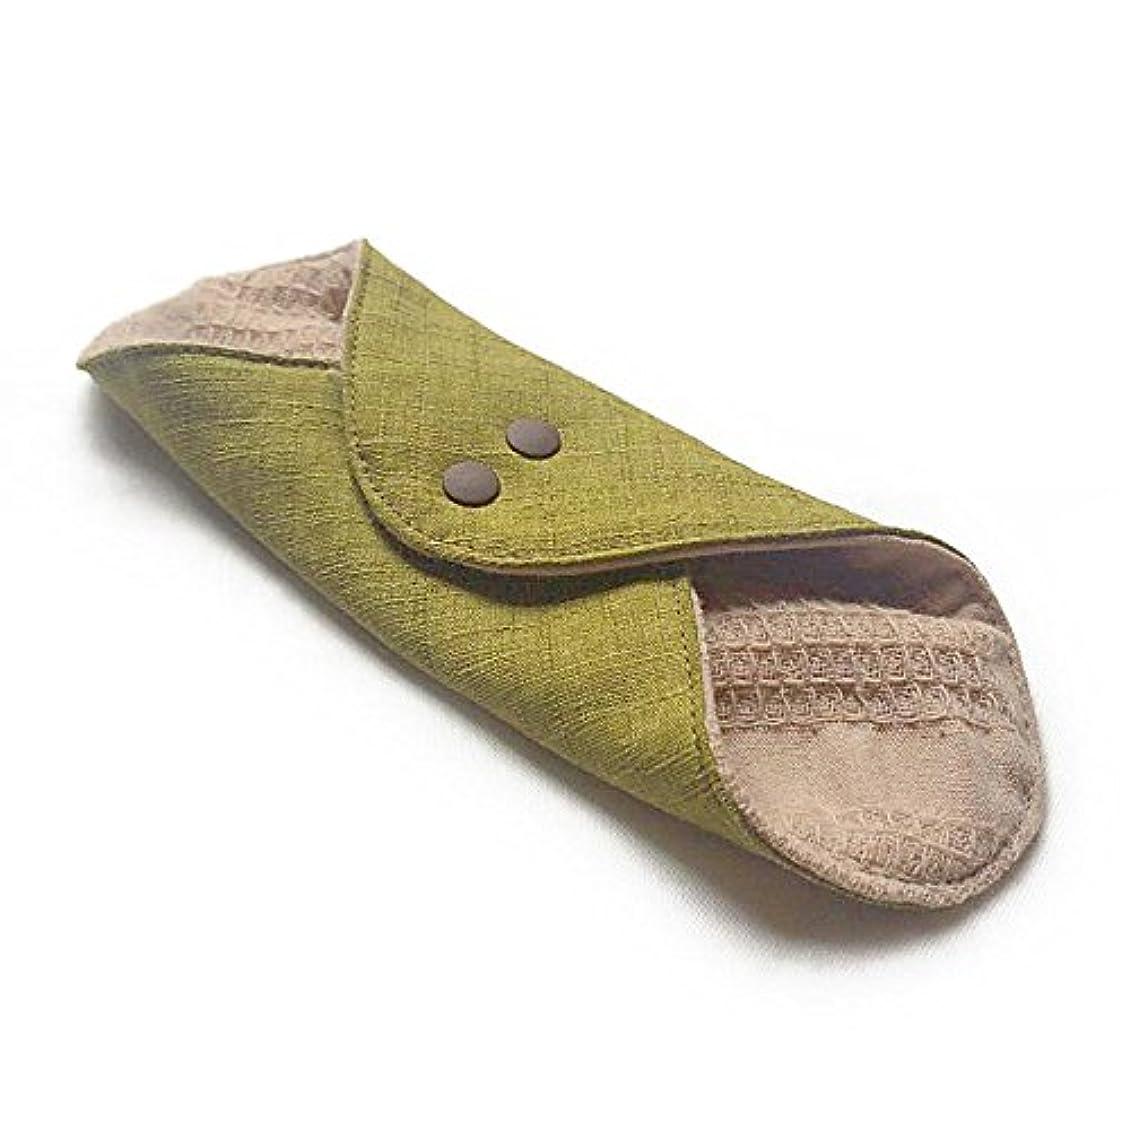 海洋コンサートにやにや華布のオーガニックコットンのあたため布 Mサイズ(約15×約15cm) 彩り(抹茶)